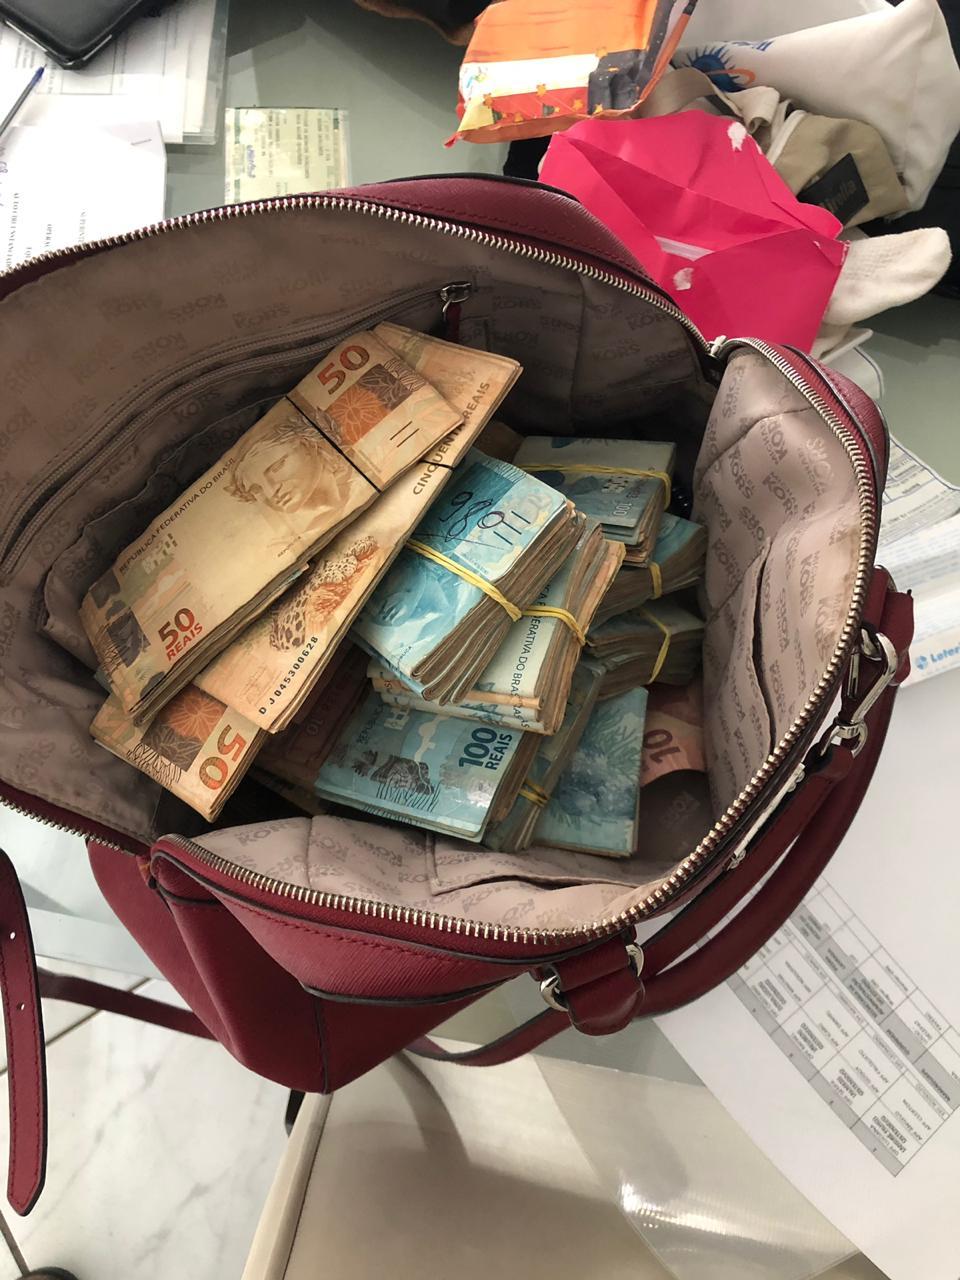 WhatsApp Image 2019 10 08 at 07.15.24 - XEQUE-MATE EM AÇÃO: PF apreende lotes de dinheiro e cumpre mandado na casa do ex-deputado André Amaral